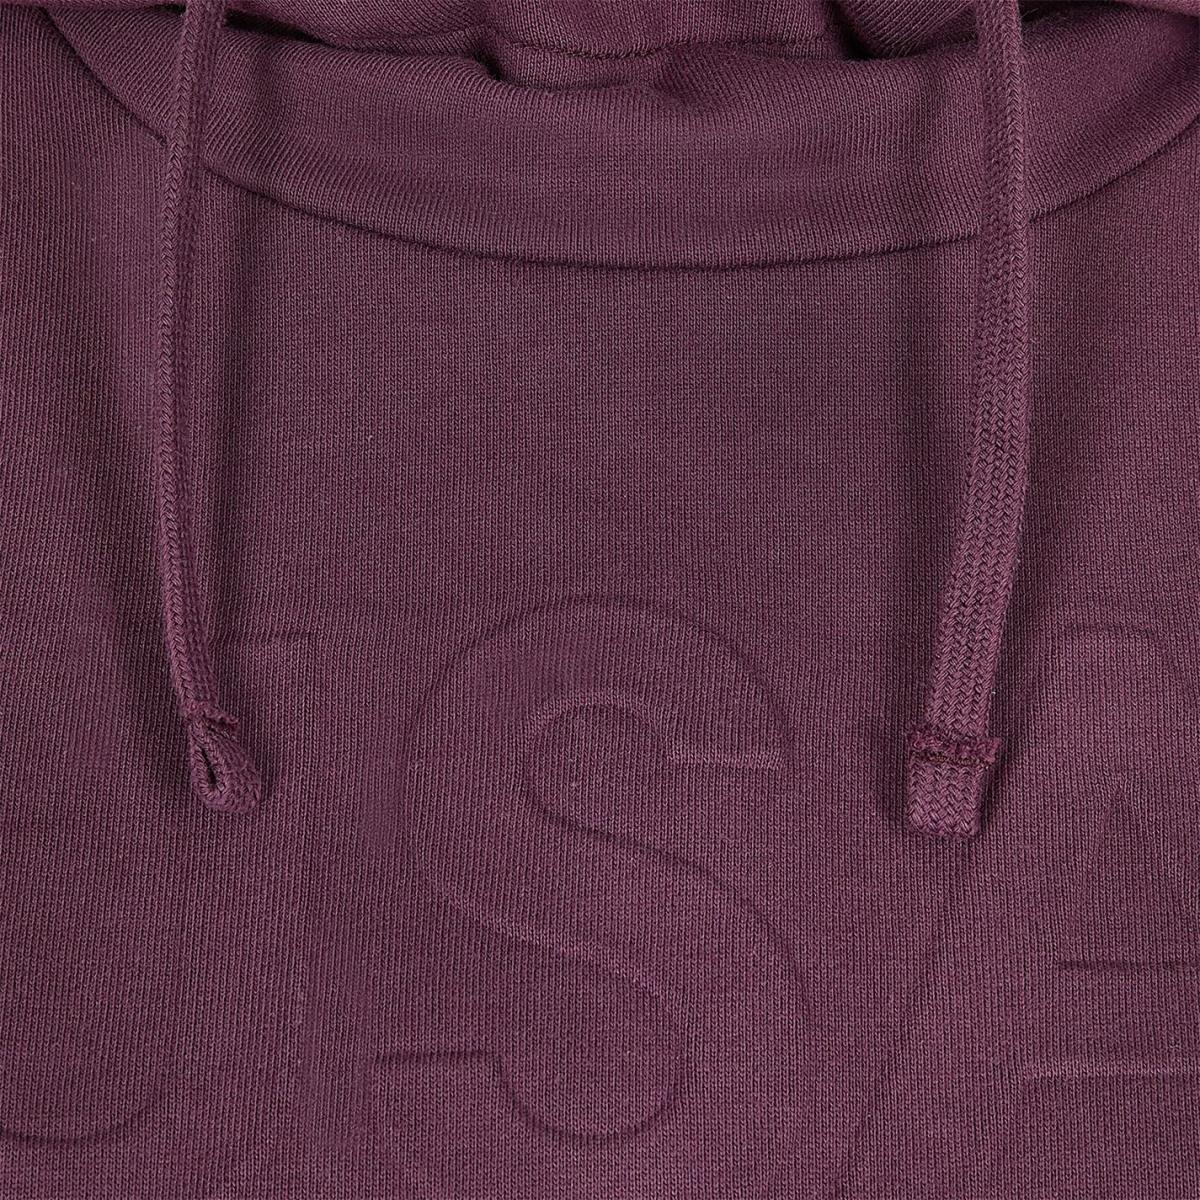 USA Pro Kapuzenpullover Sweatshirt Pullover Damen Kapuzenjacke Jacke 4283